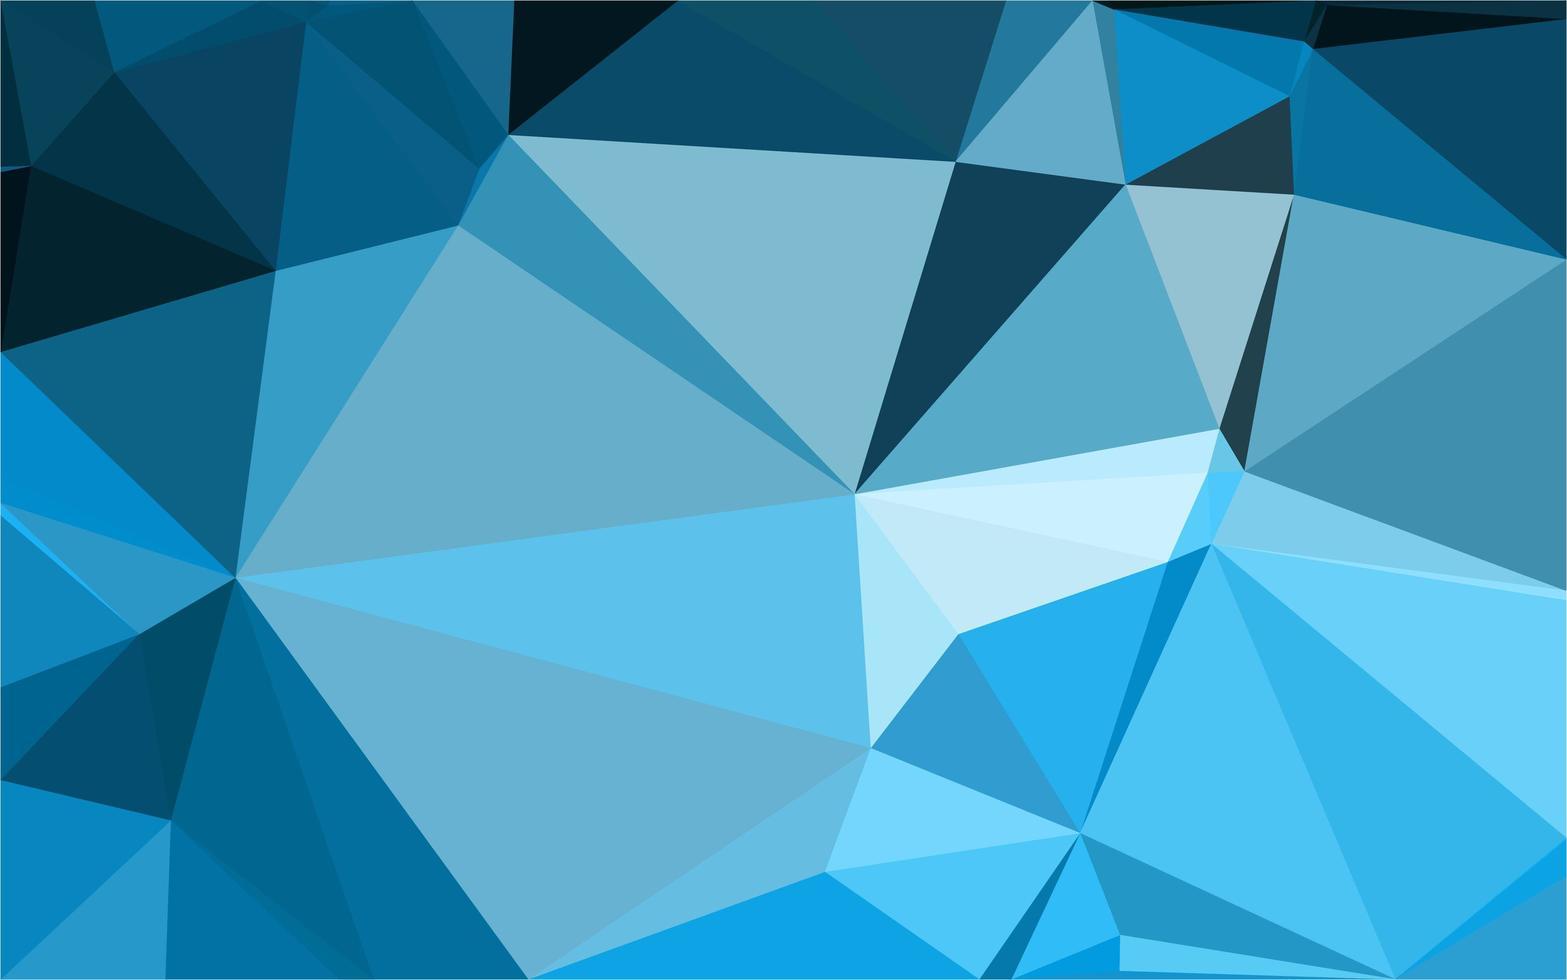 hellblaues Dreiecksmuster vektor